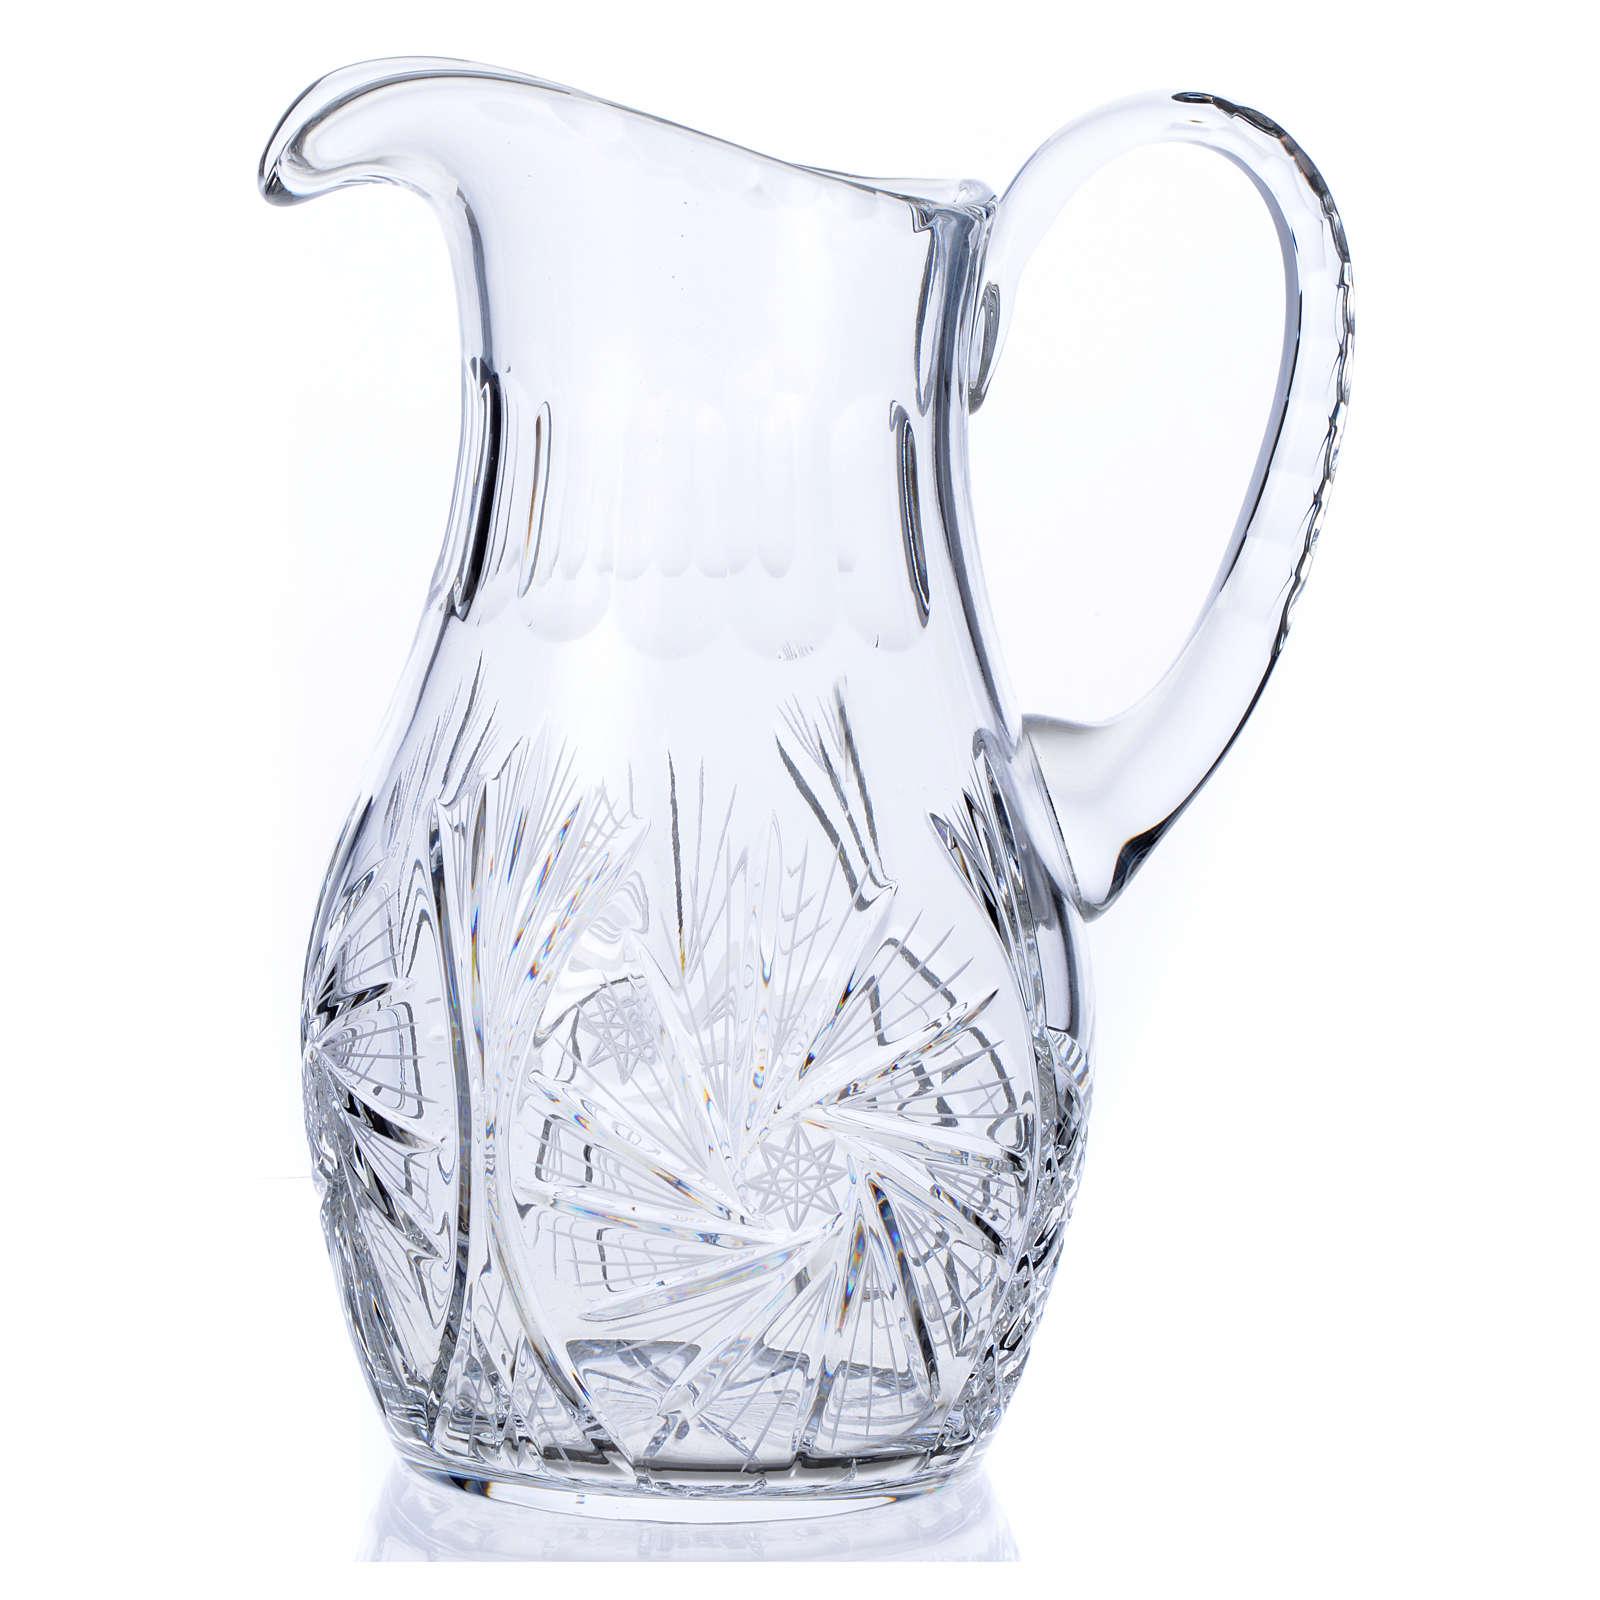 Wasserkanne zur Händewaschung aus Kristall 3